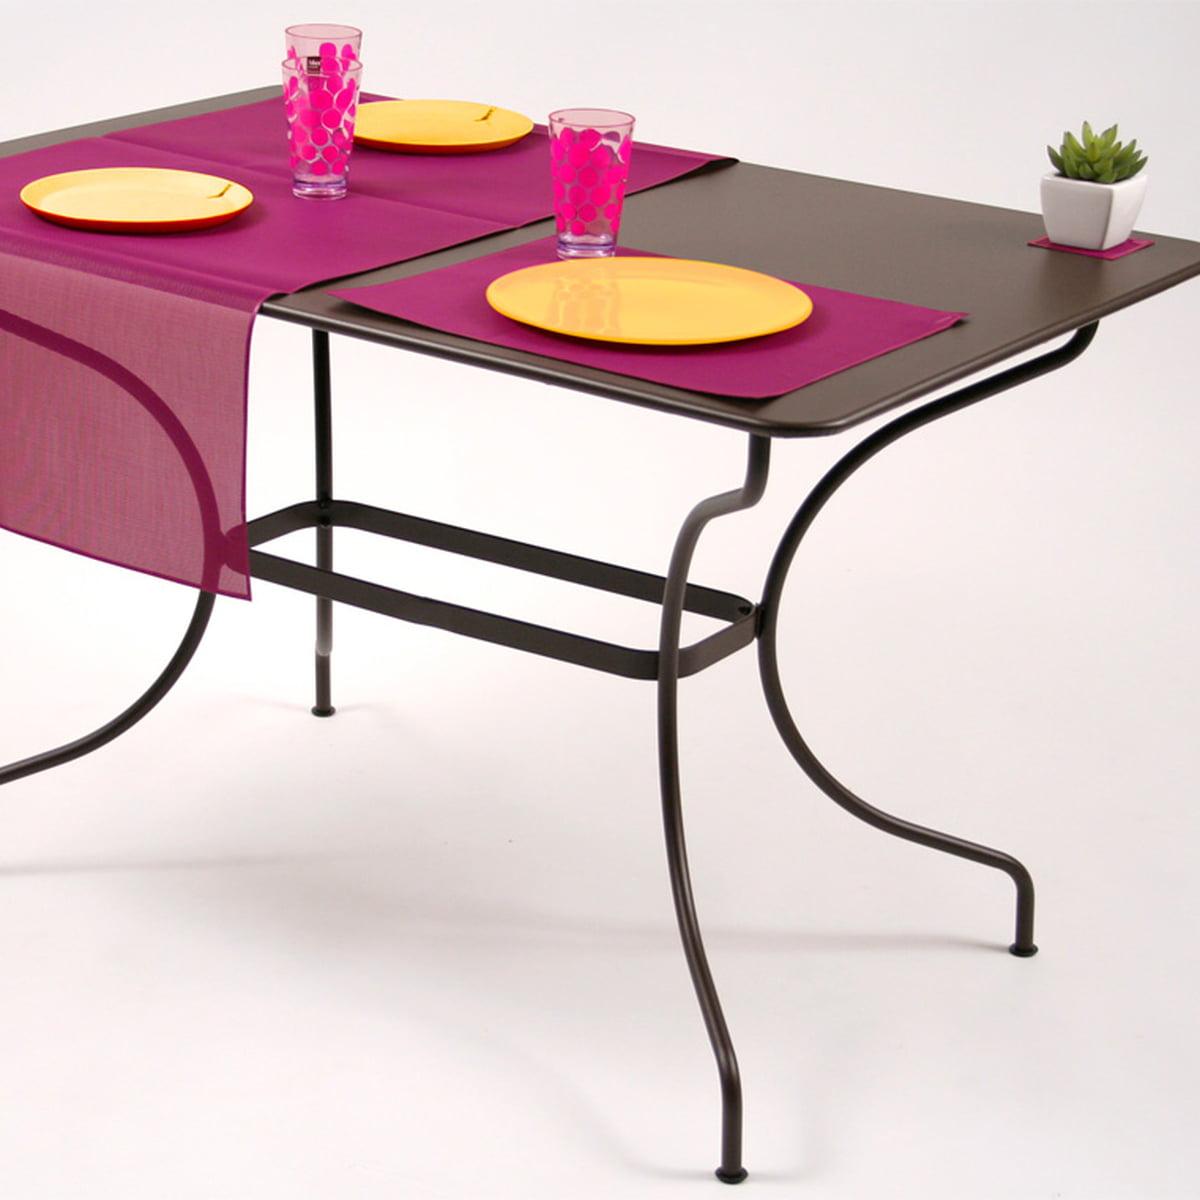 outdoor tischsets von fermob im shop. Black Bedroom Furniture Sets. Home Design Ideas